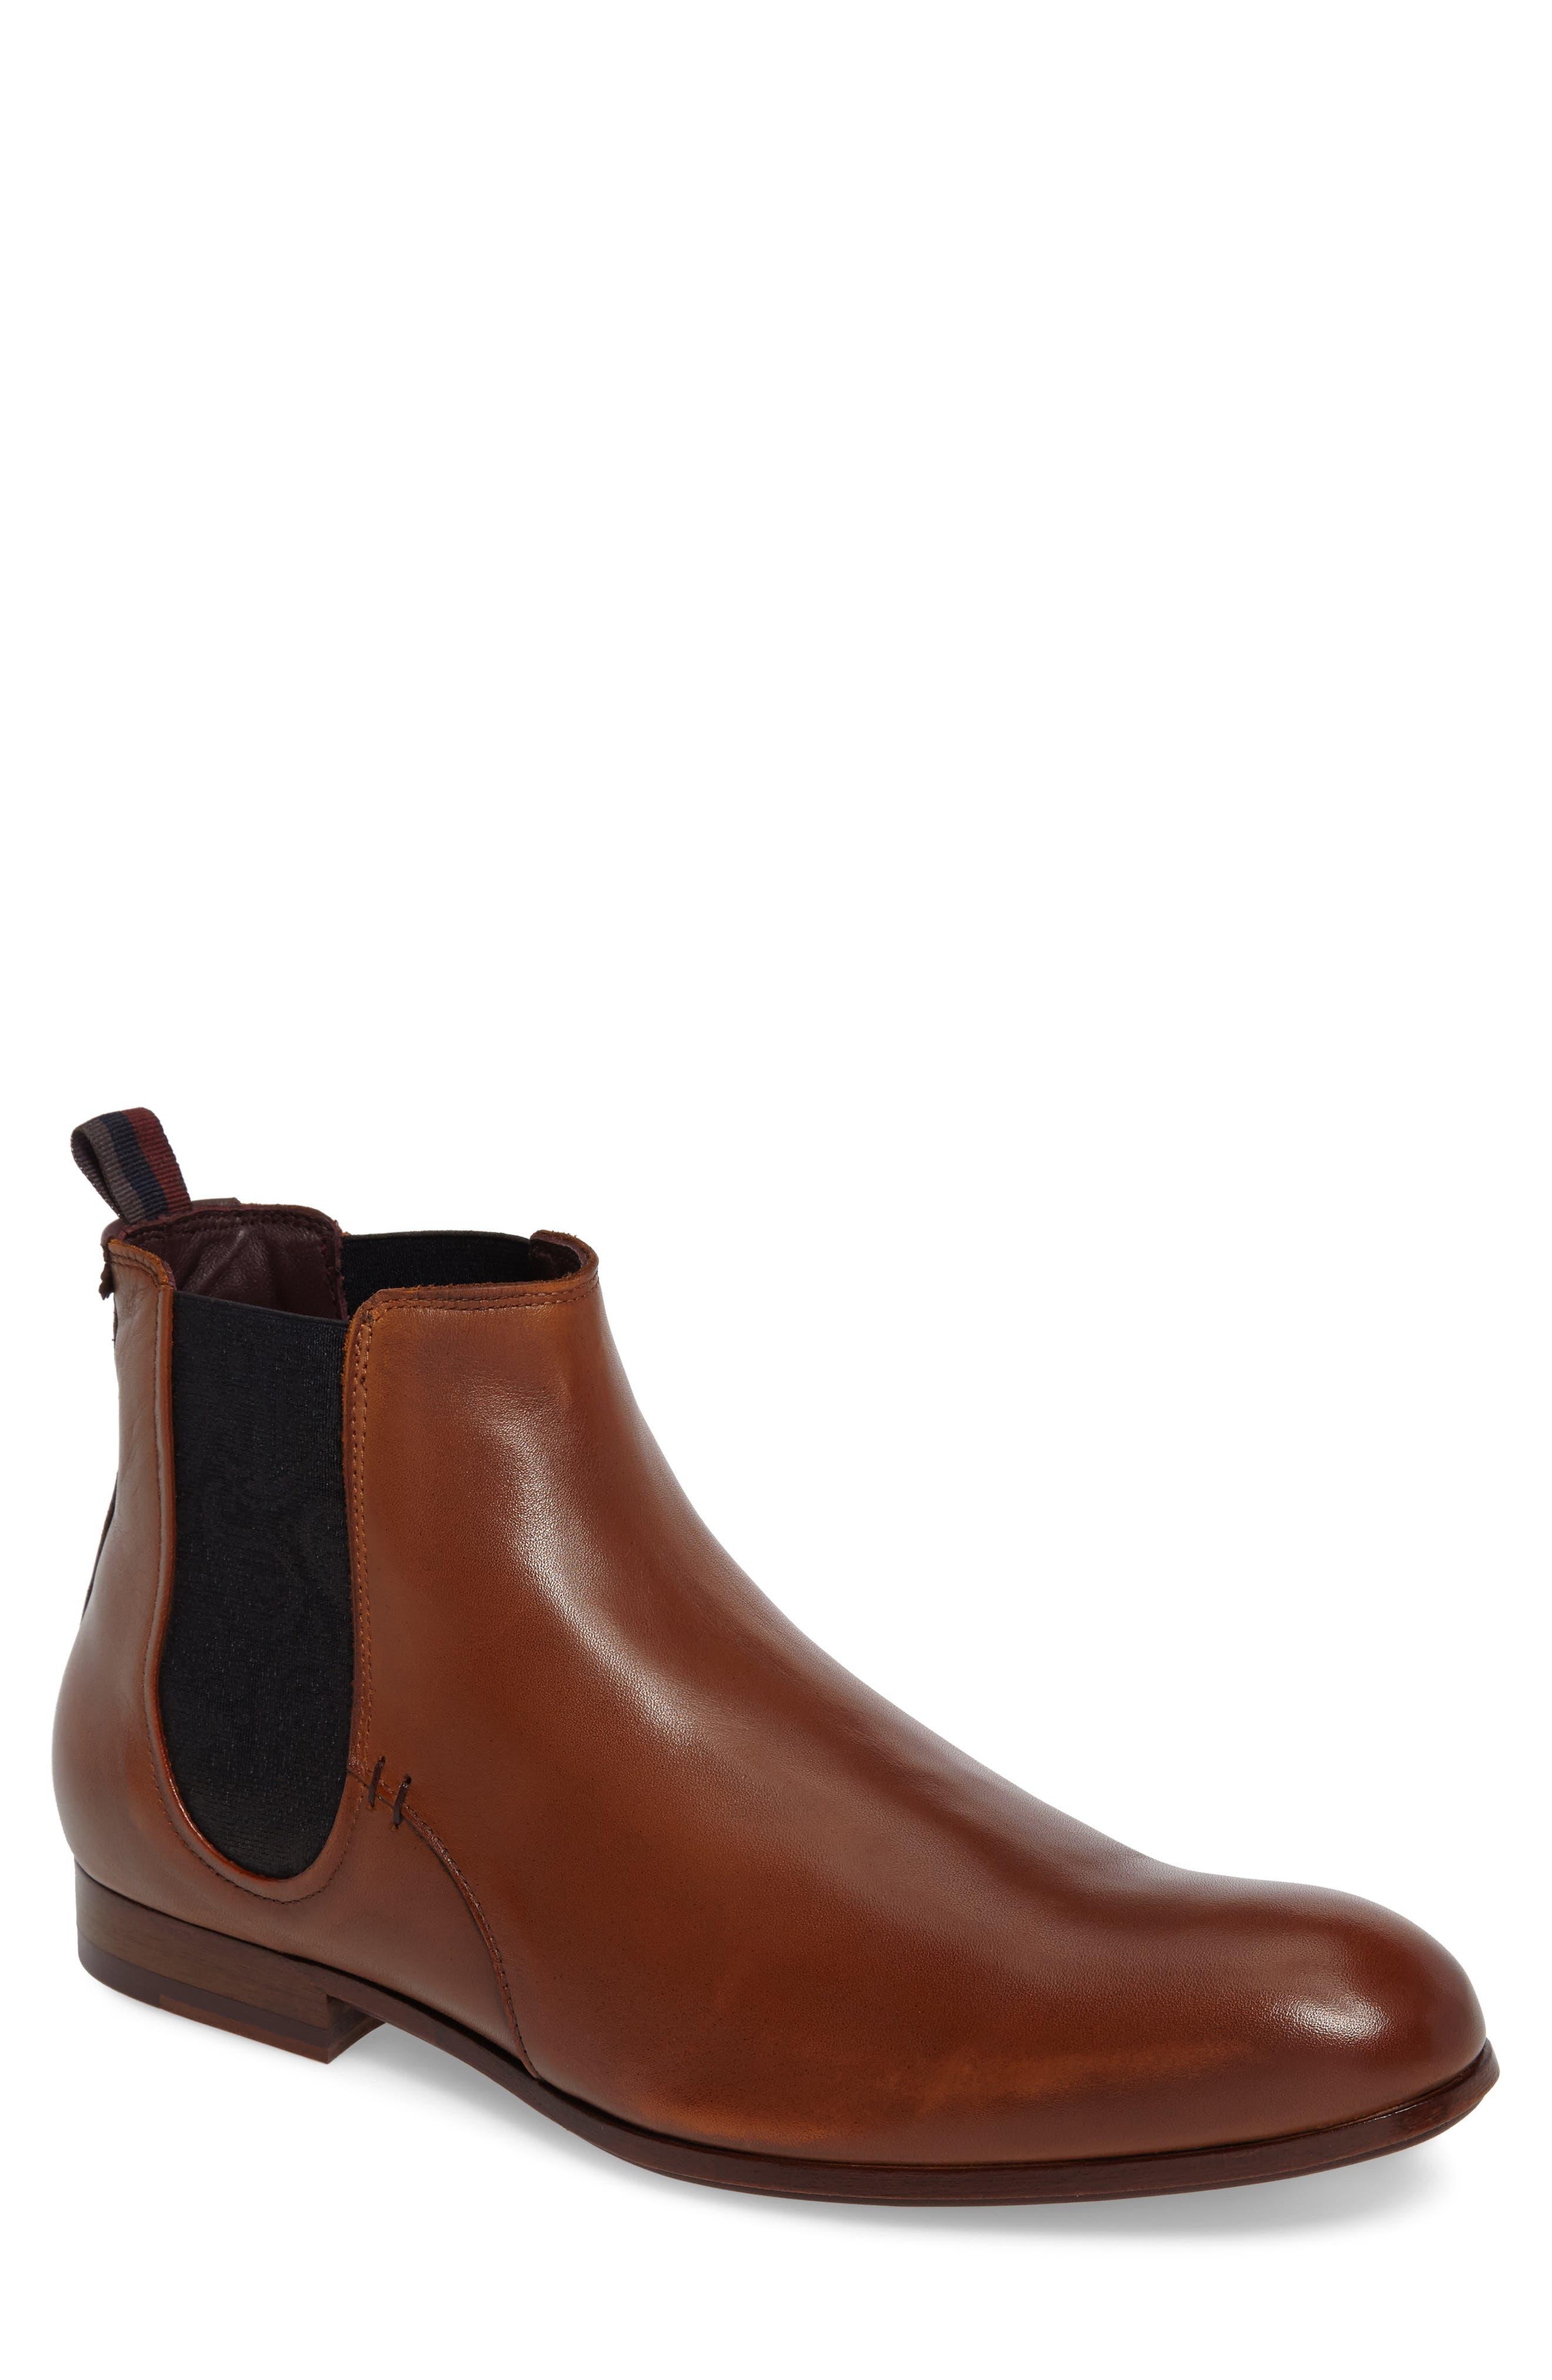 Alternate Image 1 Selected - Ted Baker London Zenier Chelsea Boot (Men)